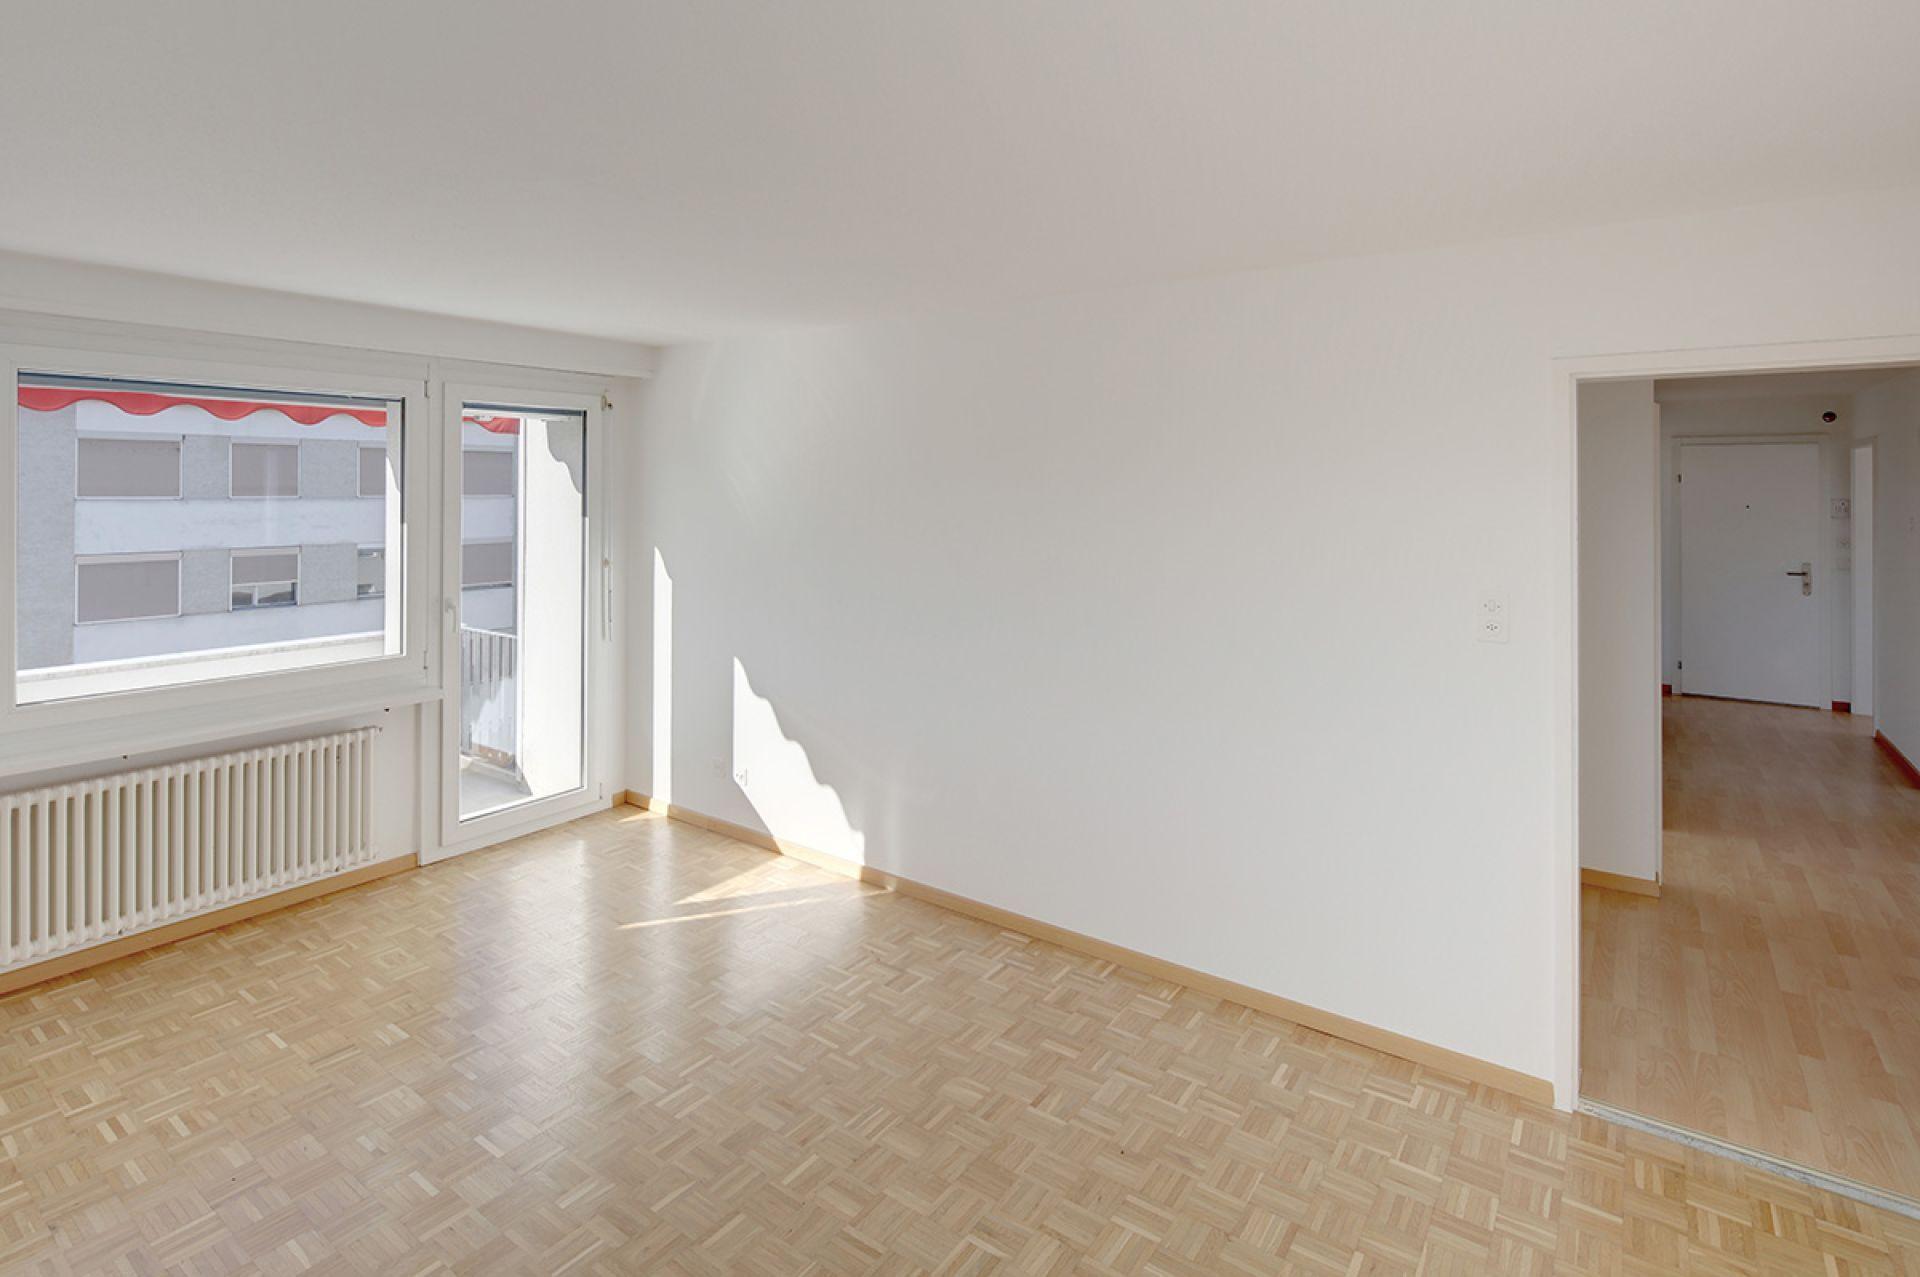 Miete: praktische, helle, schöne Wohnung